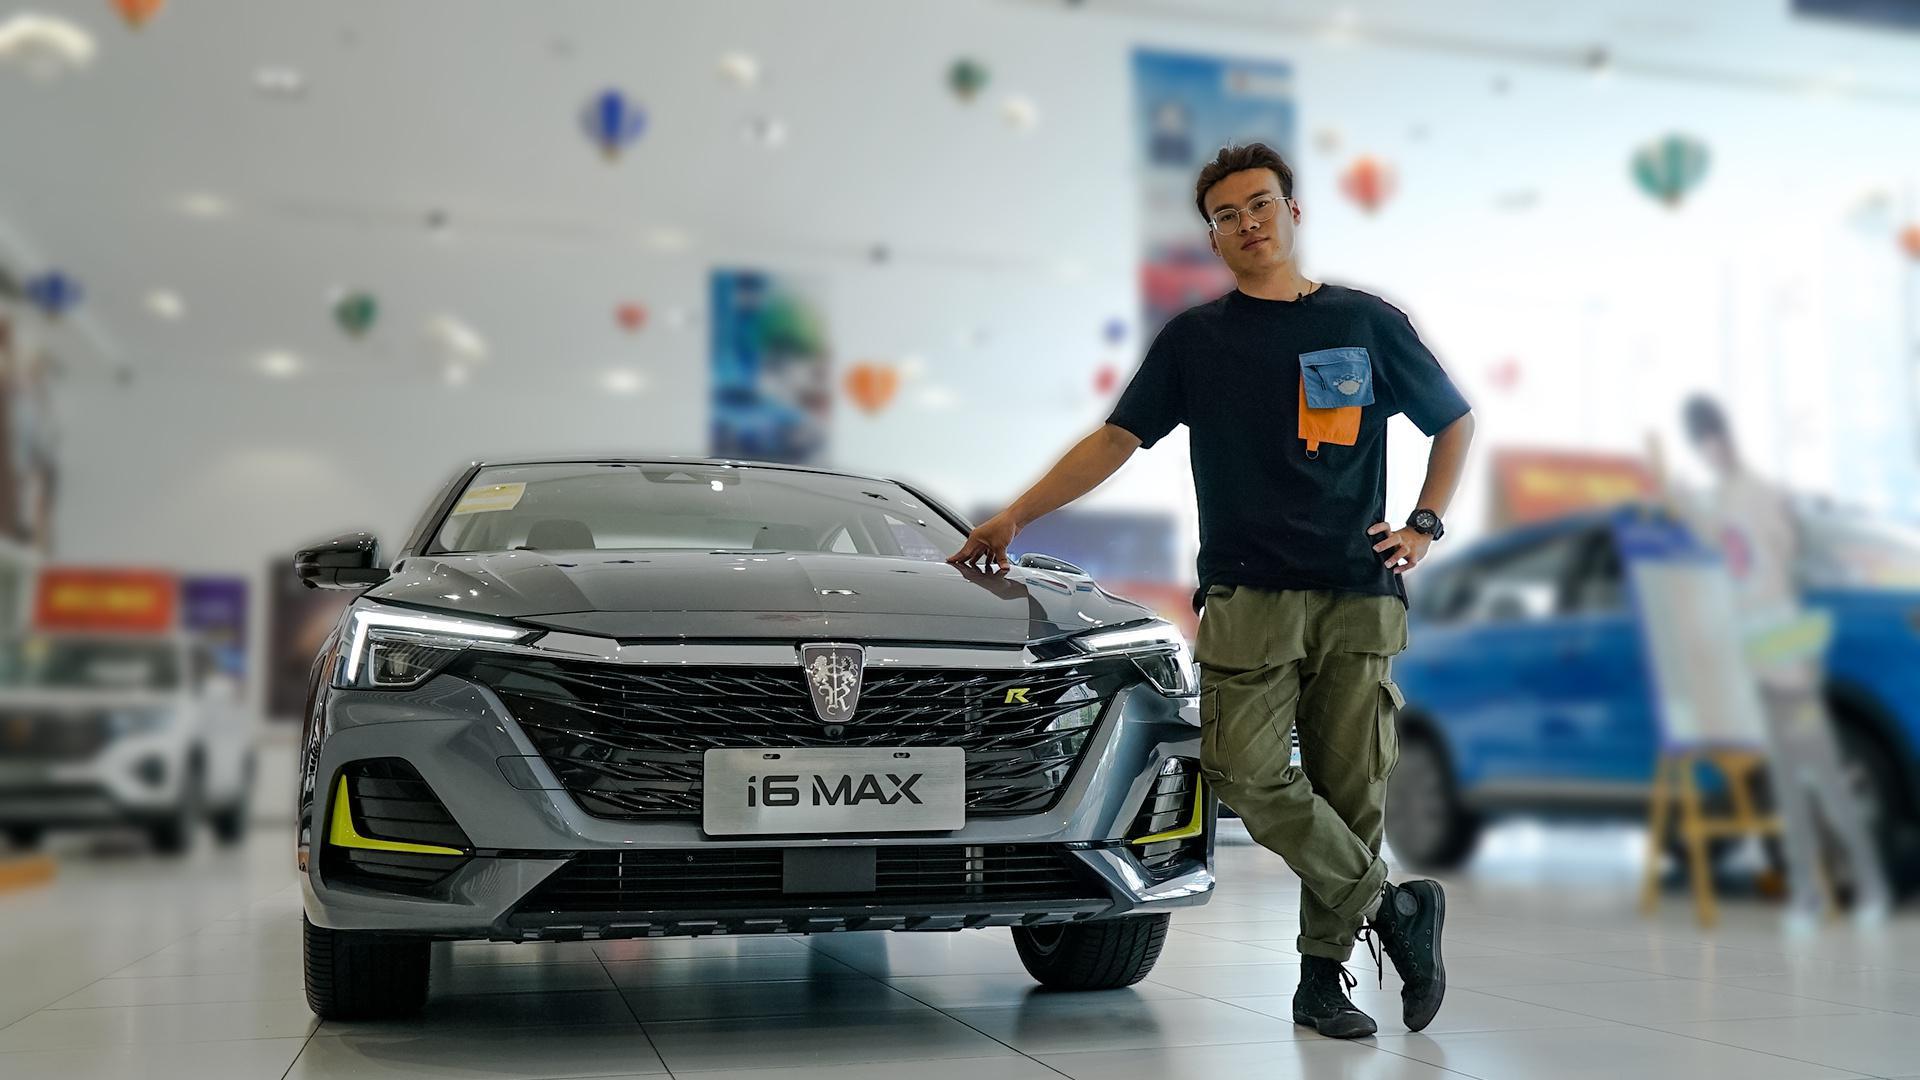 视频:荣威i6 MAX丨15万元以内颜值担当,挑战帝豪、逸动胜算几何?